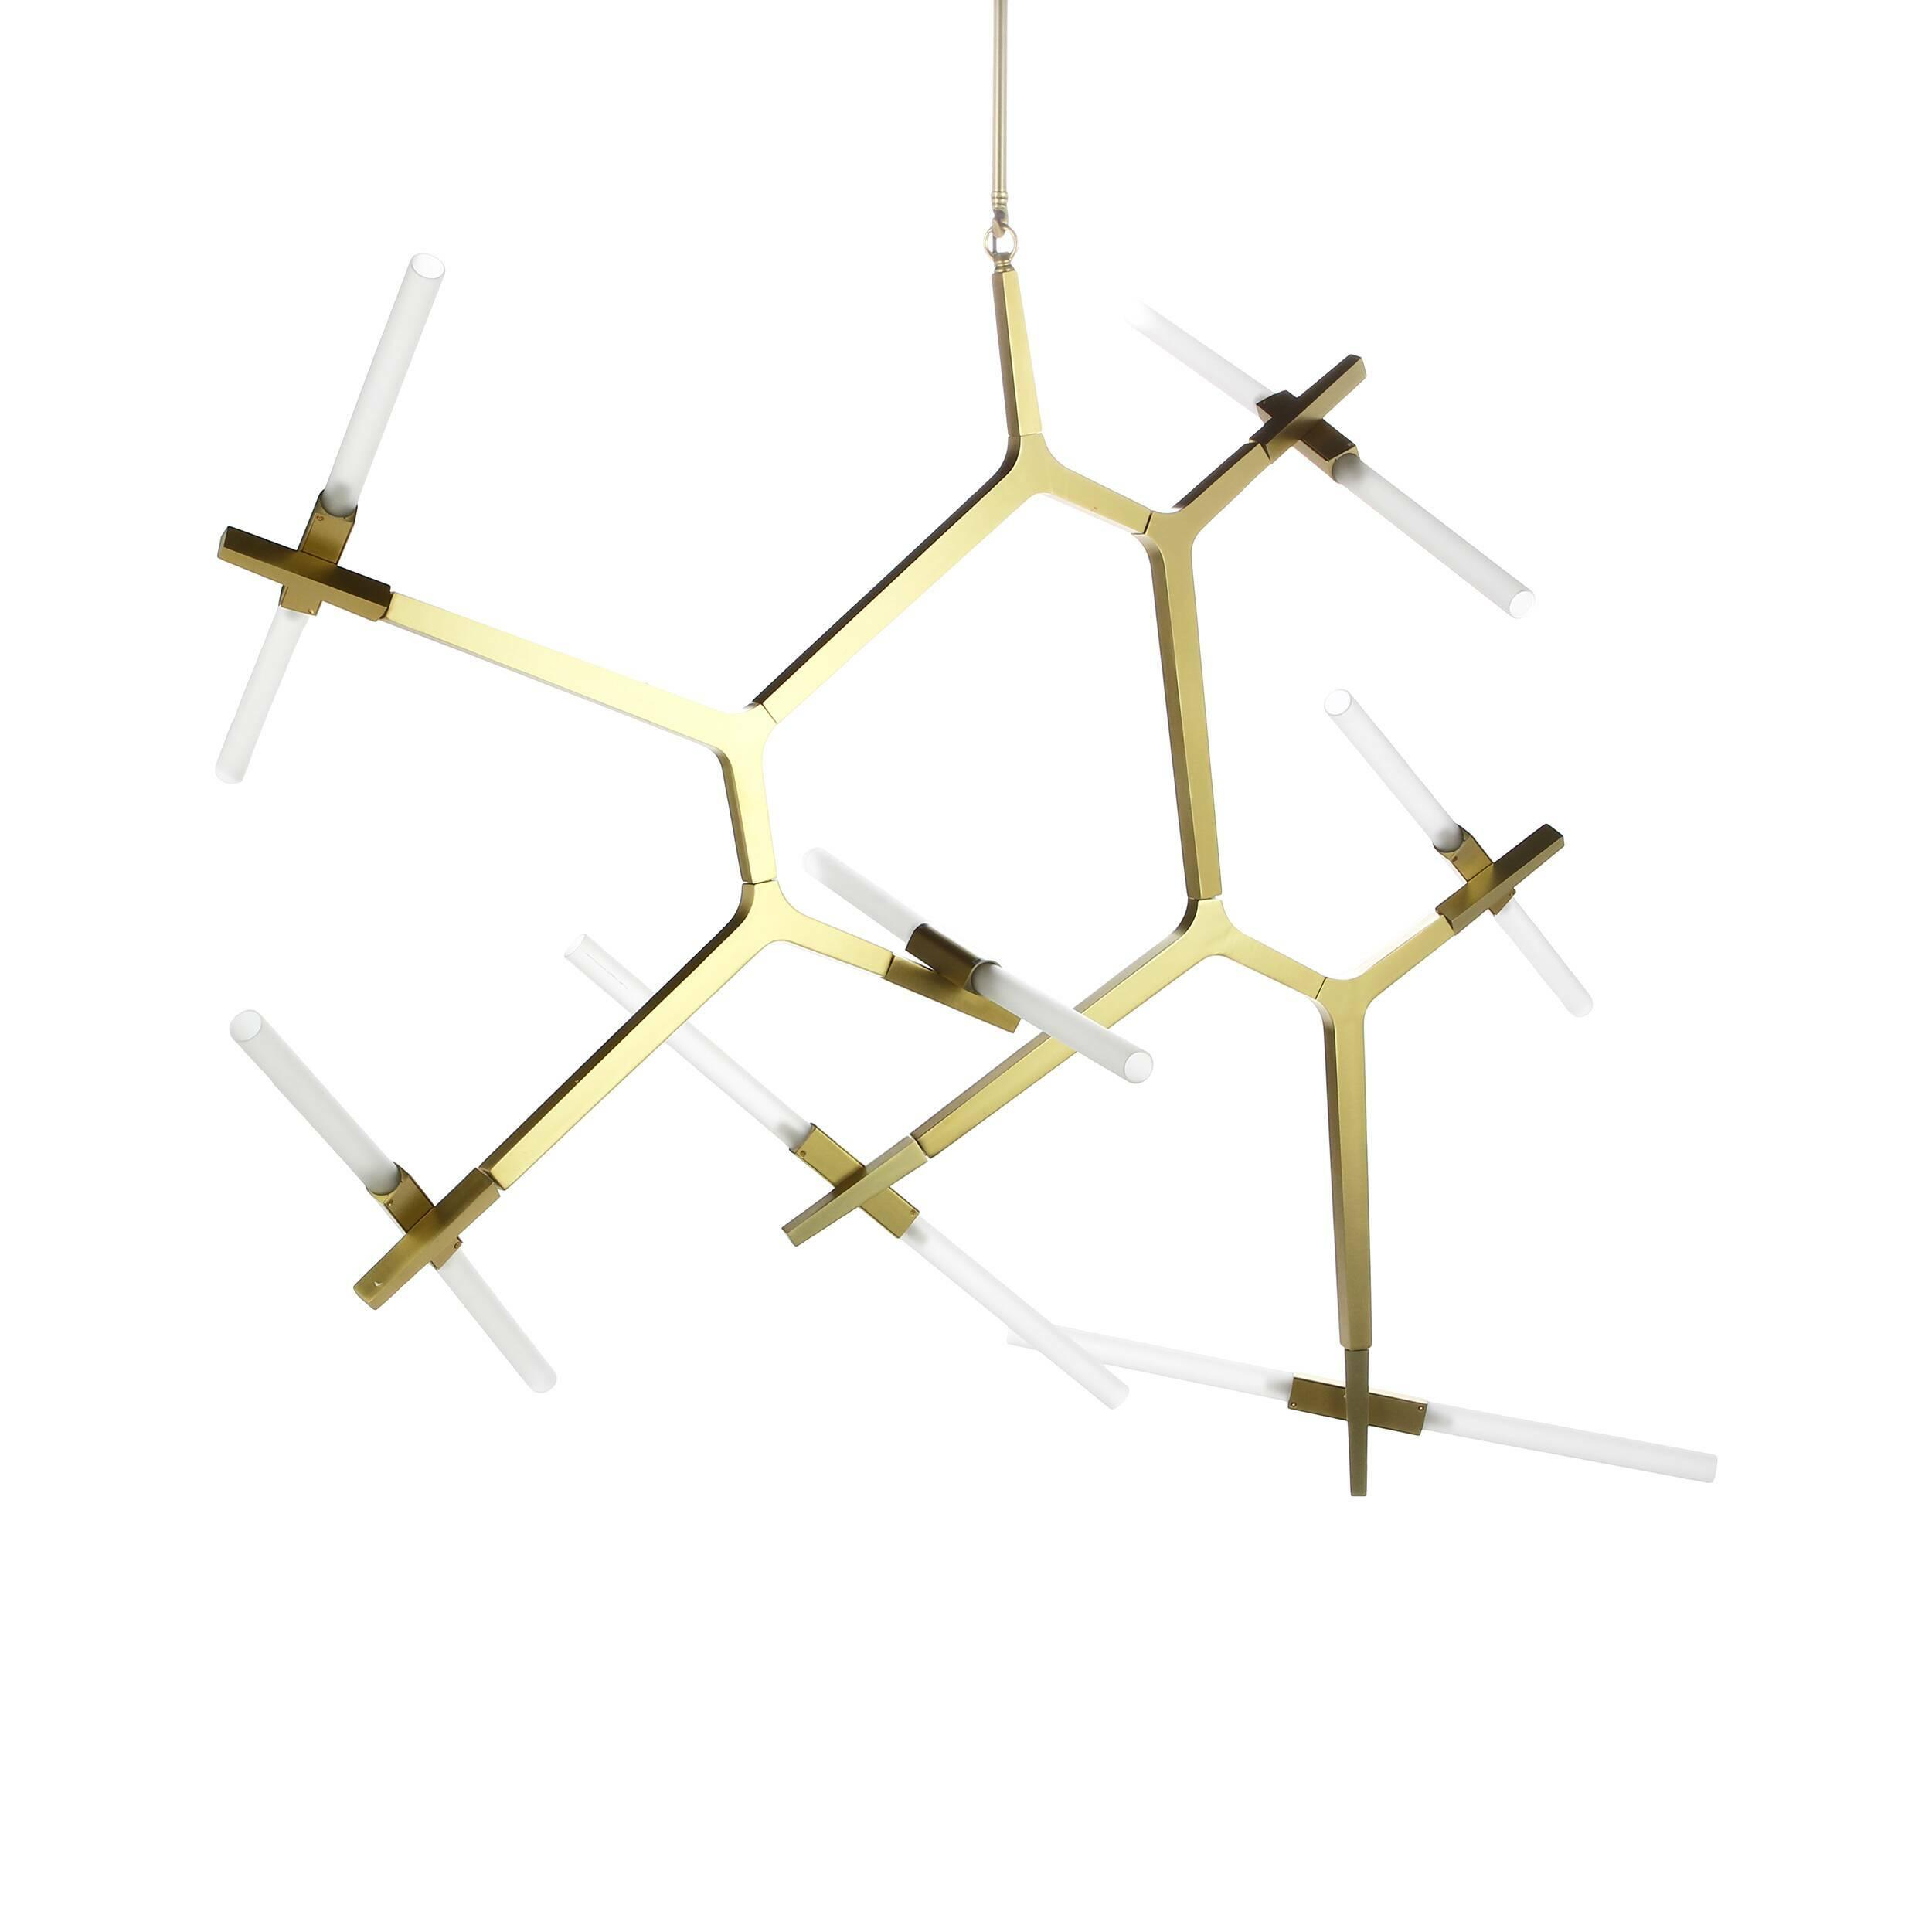 Подвесной светильник Agnes 14 лампПодвесные<br>Оригинальная геометрия подвесного светильника Agnes 14 ламп удачно дополнит интерьер спален, гостиных и офисных помещений. Стеклянные плафоны, закрепленные на алюминиевом каркасе, отражают веяния современного стиля и радуют функциональностью, максимально наполняя пространство светом. Сдержанная цветовая палитра позволит вам наиболее выигрышно расставить акценты и смягчит колористическое решение интерьера.<br><br><br> Автор данной модели — Линдси Адамс Адельман, превратившая осветительные прибо...<br><br>stock: 0<br>Высота: 131<br>Диаметр: 164<br>Количество ламп: 14<br>Материал абажура: Стекло<br>Материал арматуры: Алюминий<br>Мощность лампы: 2<br>Ламп в комплекте: Нет<br>Напряжение: 220<br>Тип лампы/цоколь: G9 LED<br>Цвет абажура: Белый<br>Цвет арматуры: Бронза